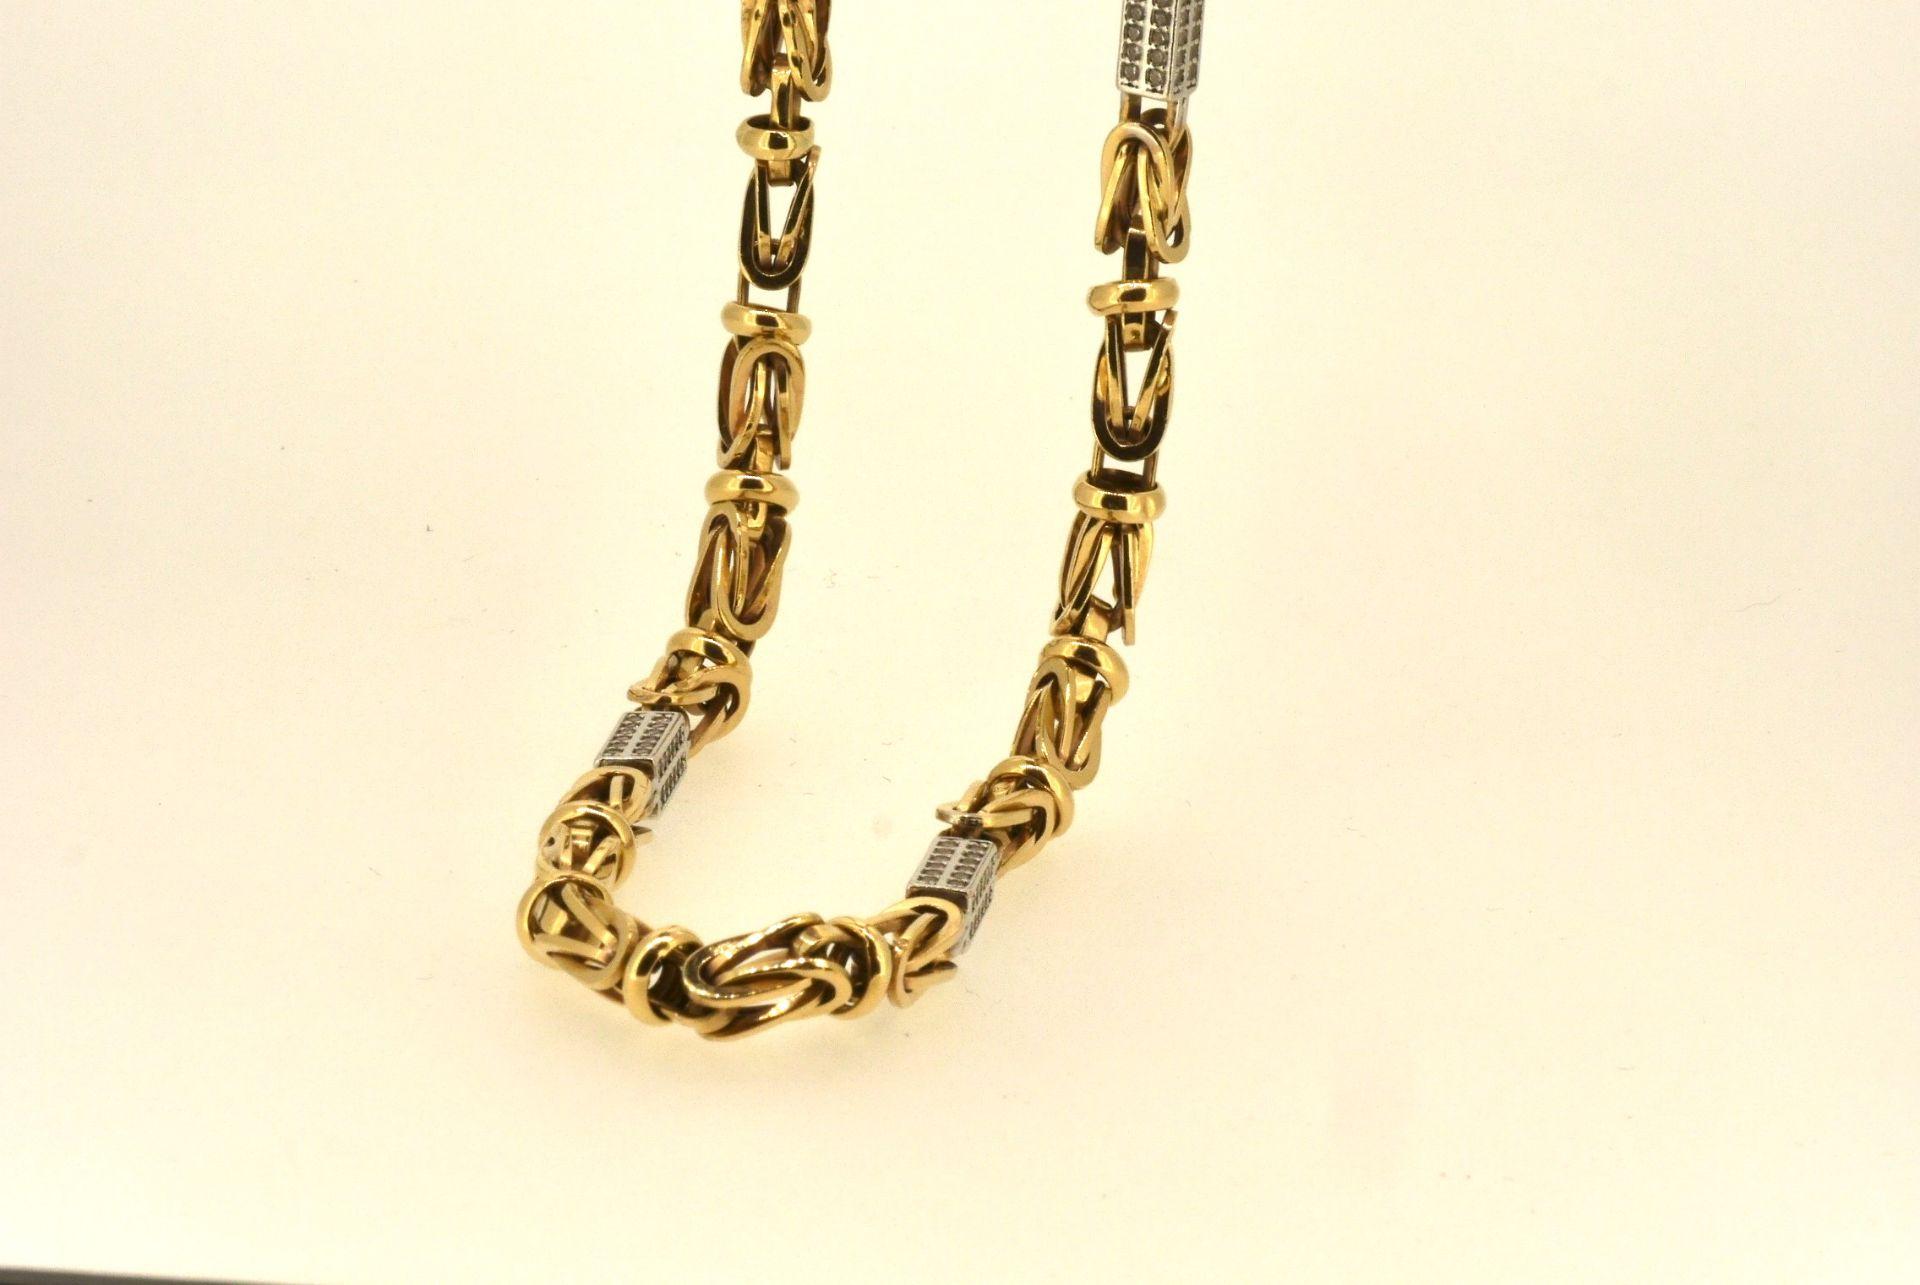 Halskette WG/GG 585, Zirkonia, 64 cm, 29,35 Gramm